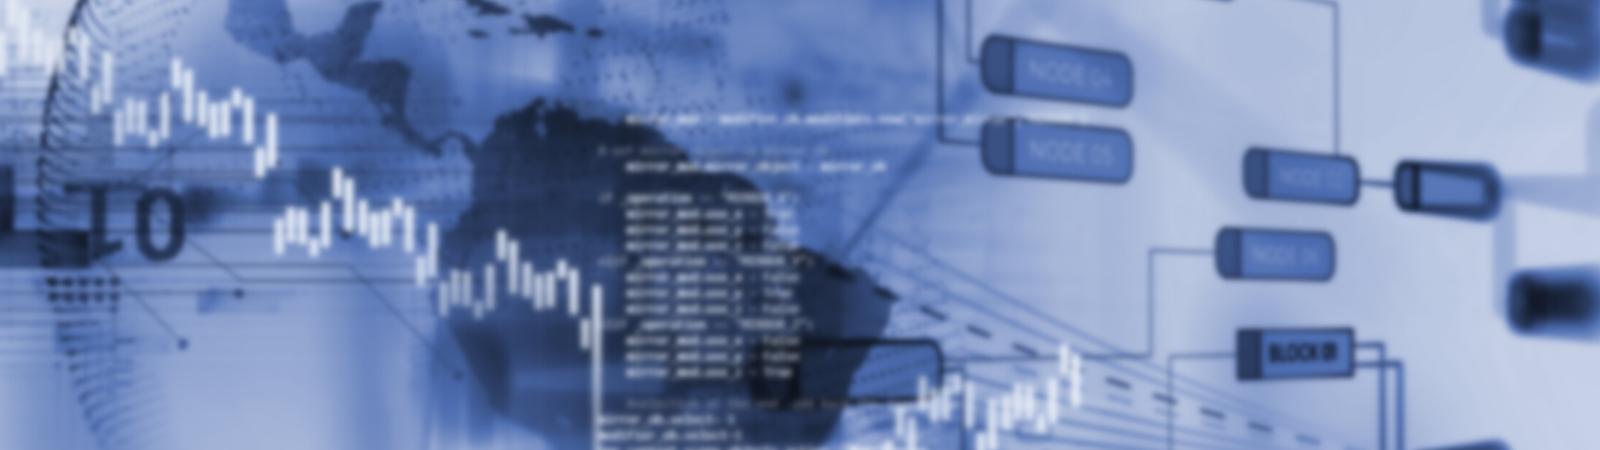 data-viz dashboard banner image